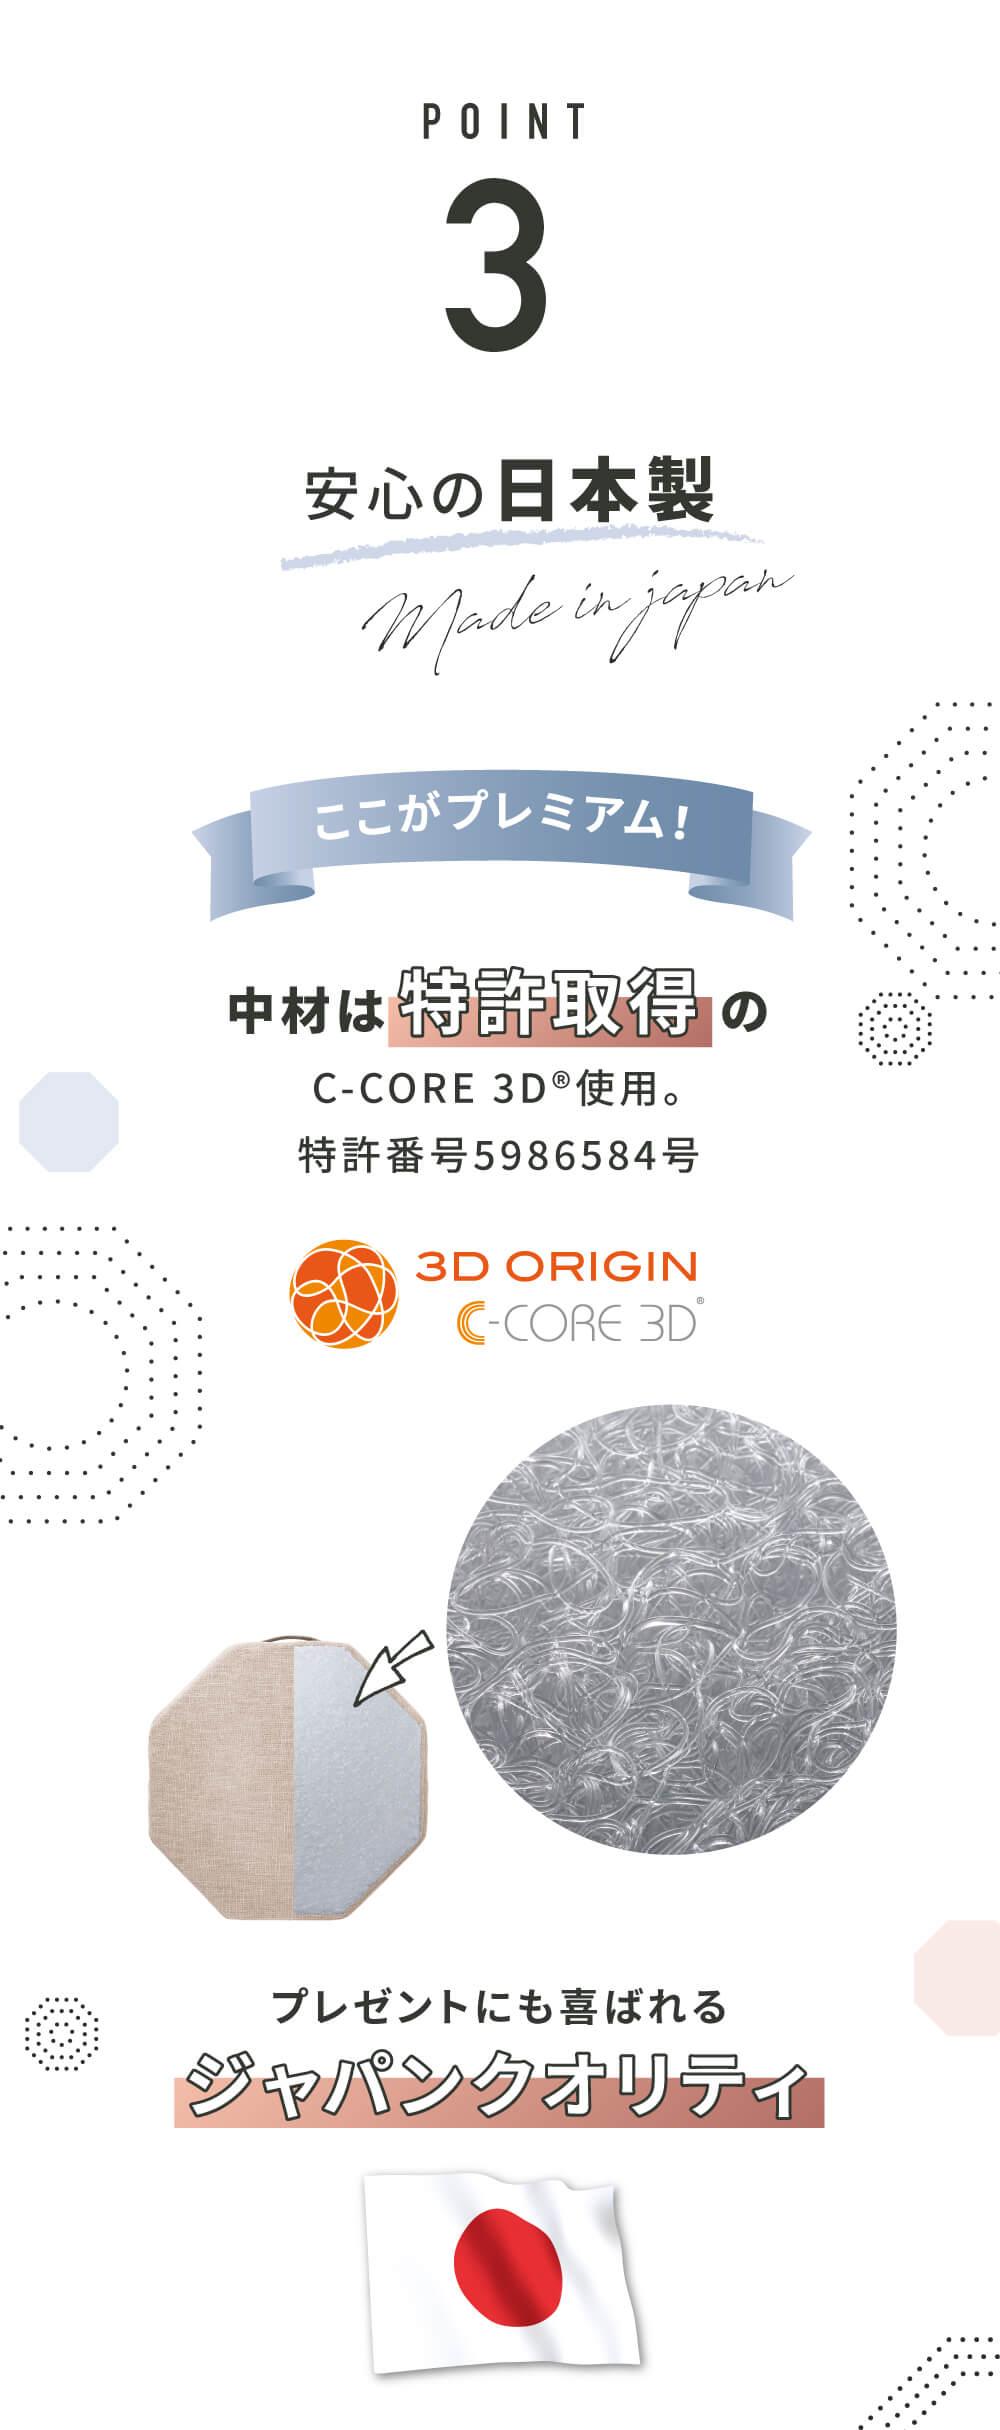 ポイント3.安心の日本製